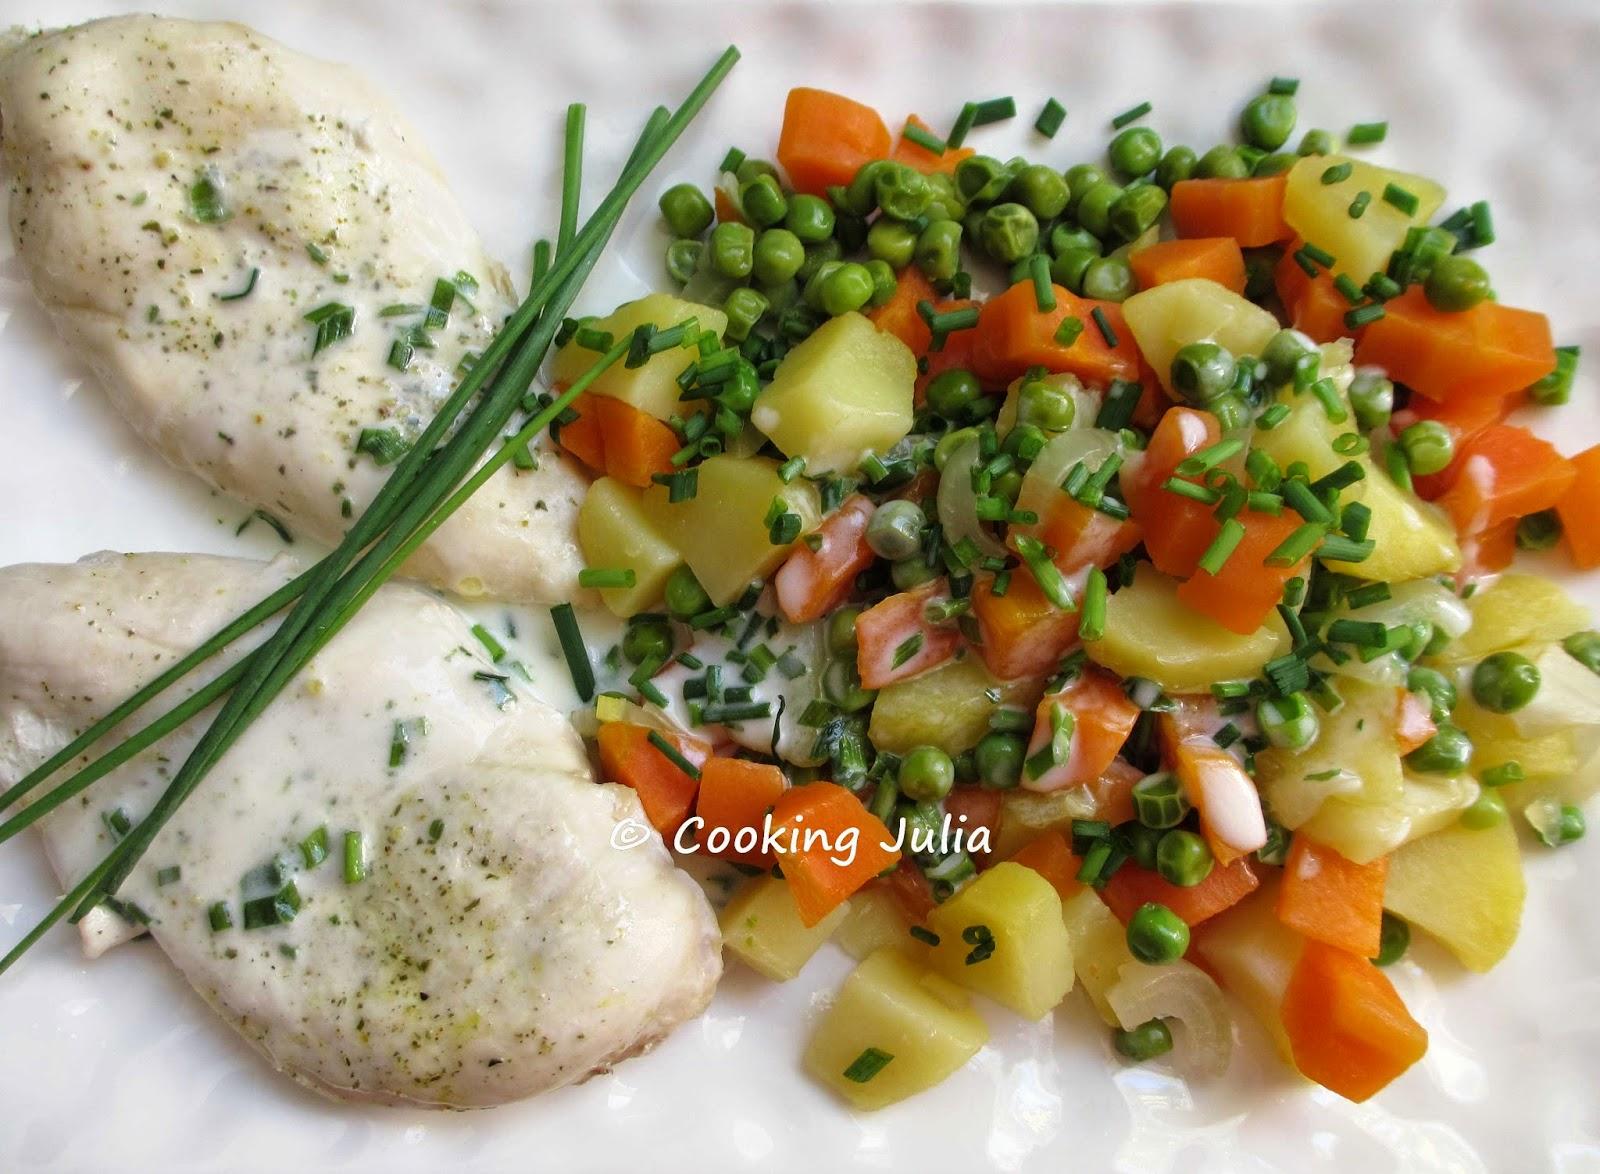 Cooking julia le th me du mois la cuisine vapeur for Cuisine vapeur